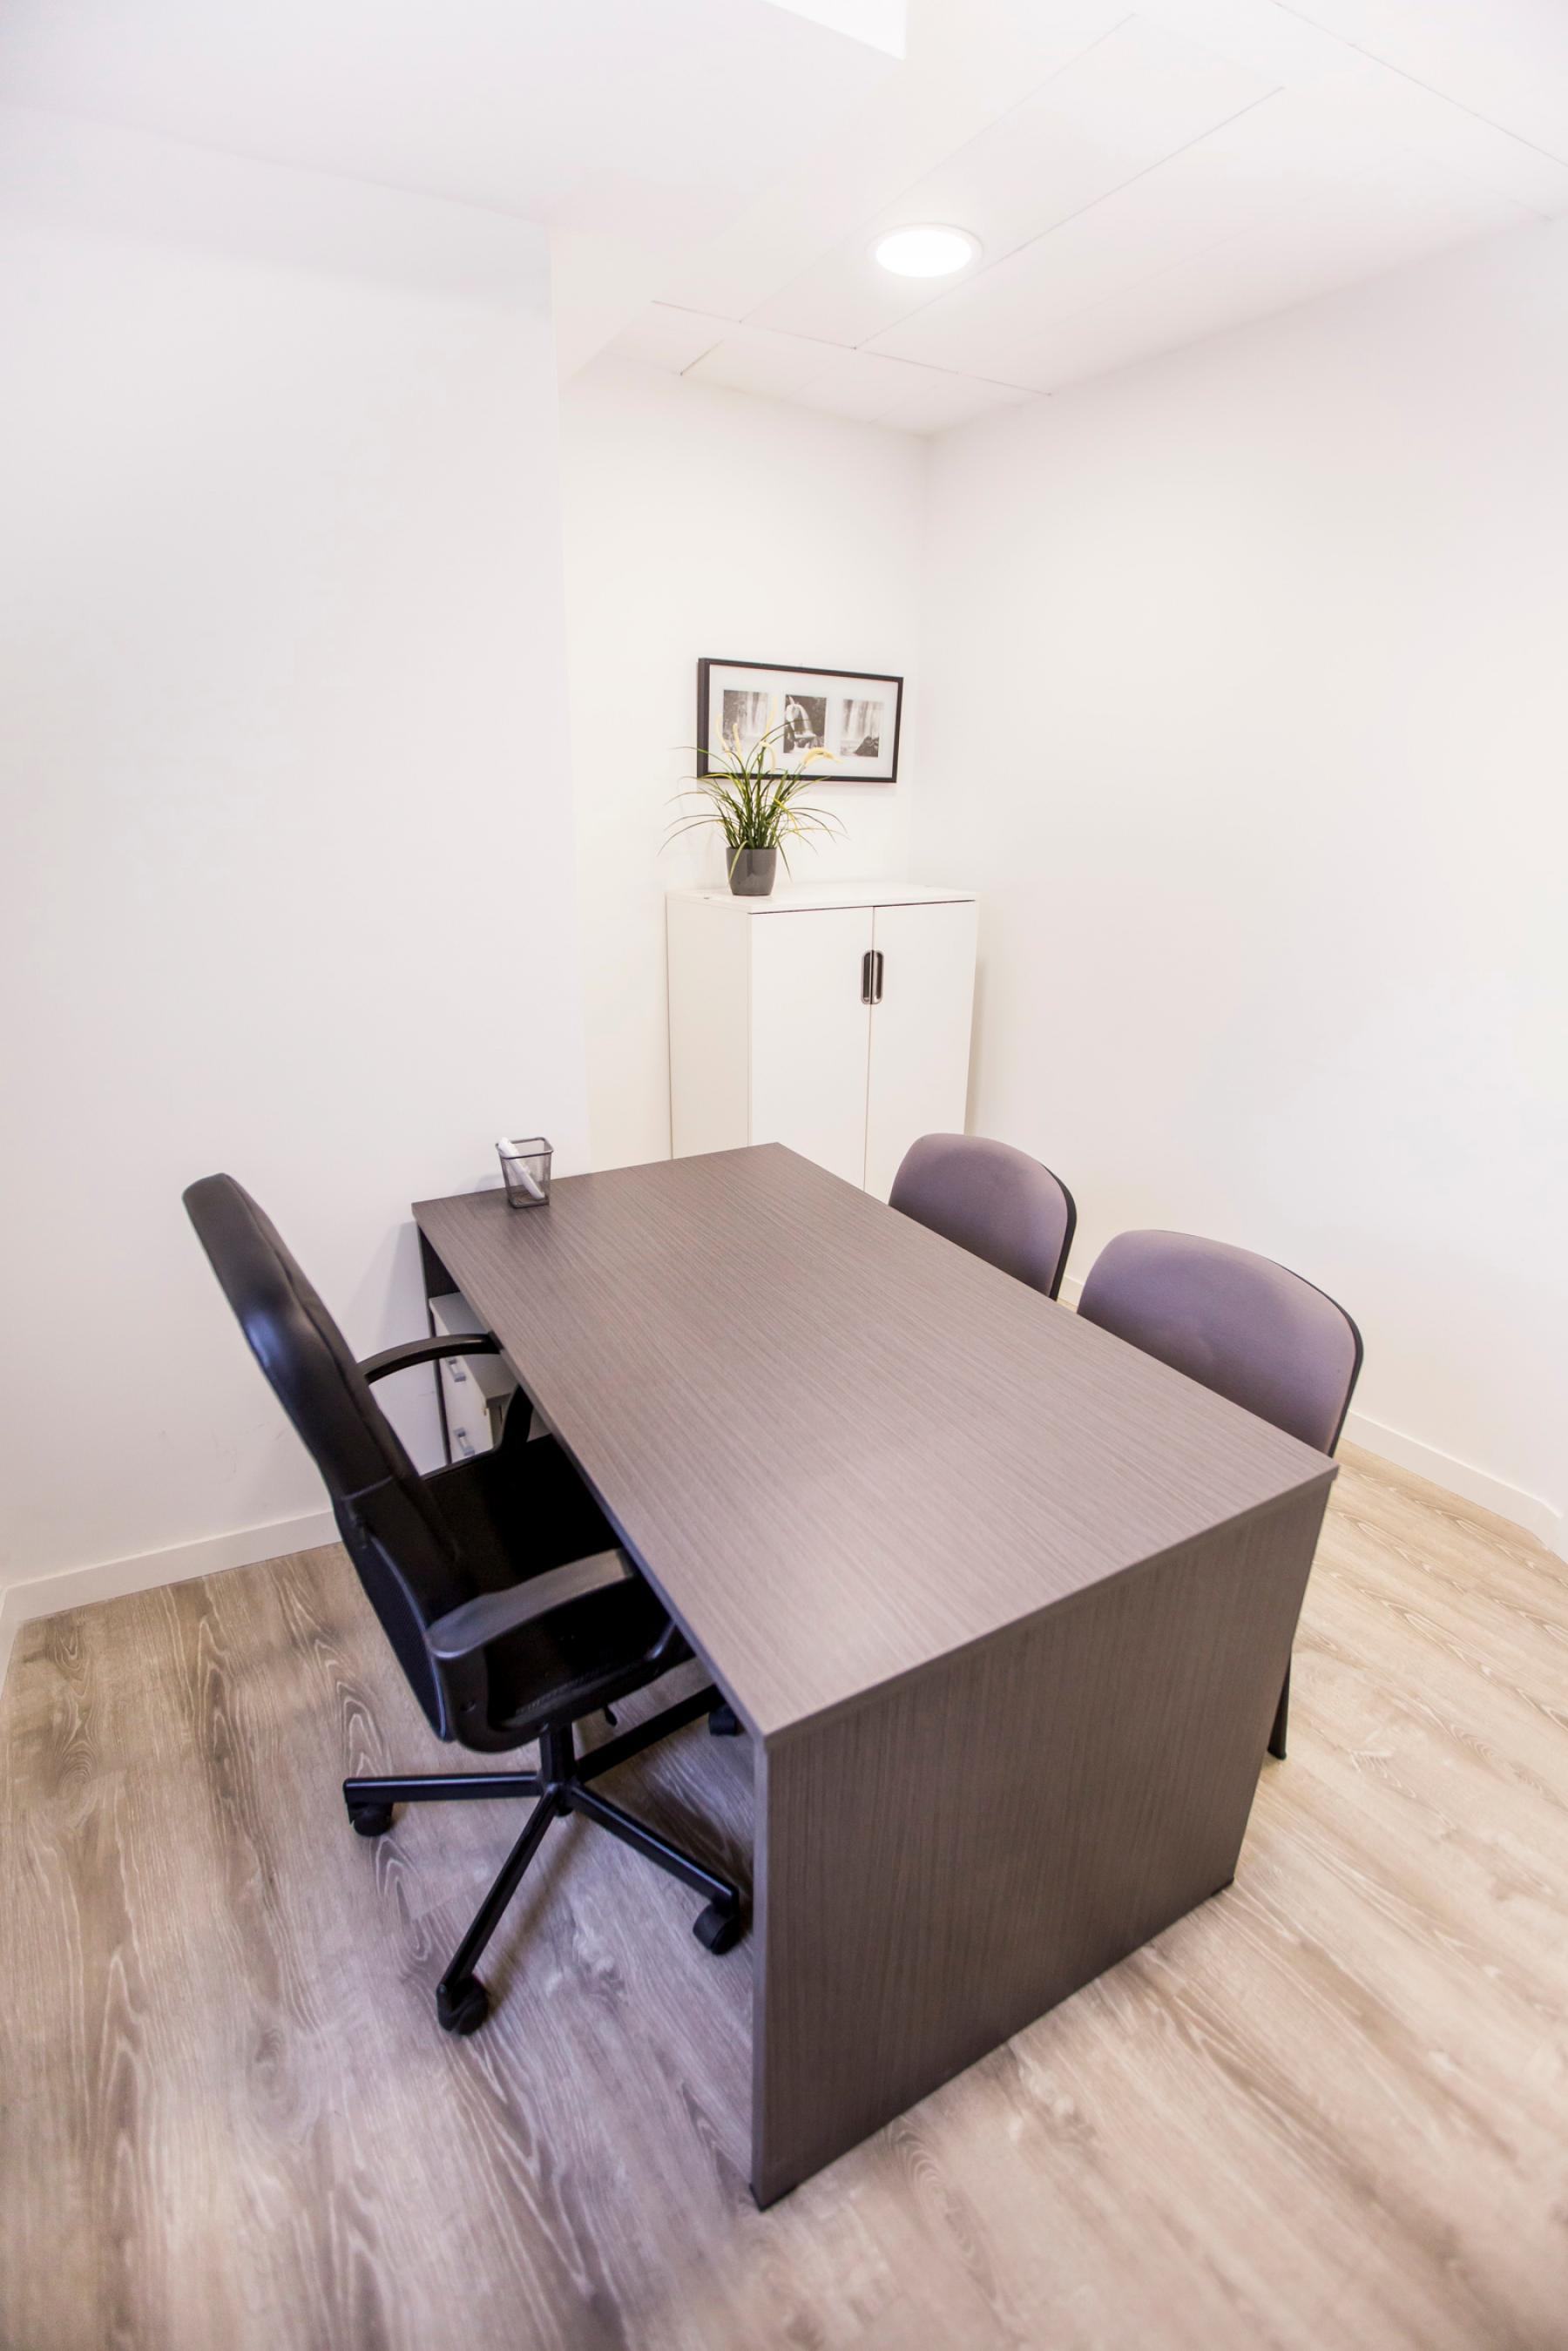 Alquilar oficinas Plaza de José Moreno Villa 2, Madrid (11)